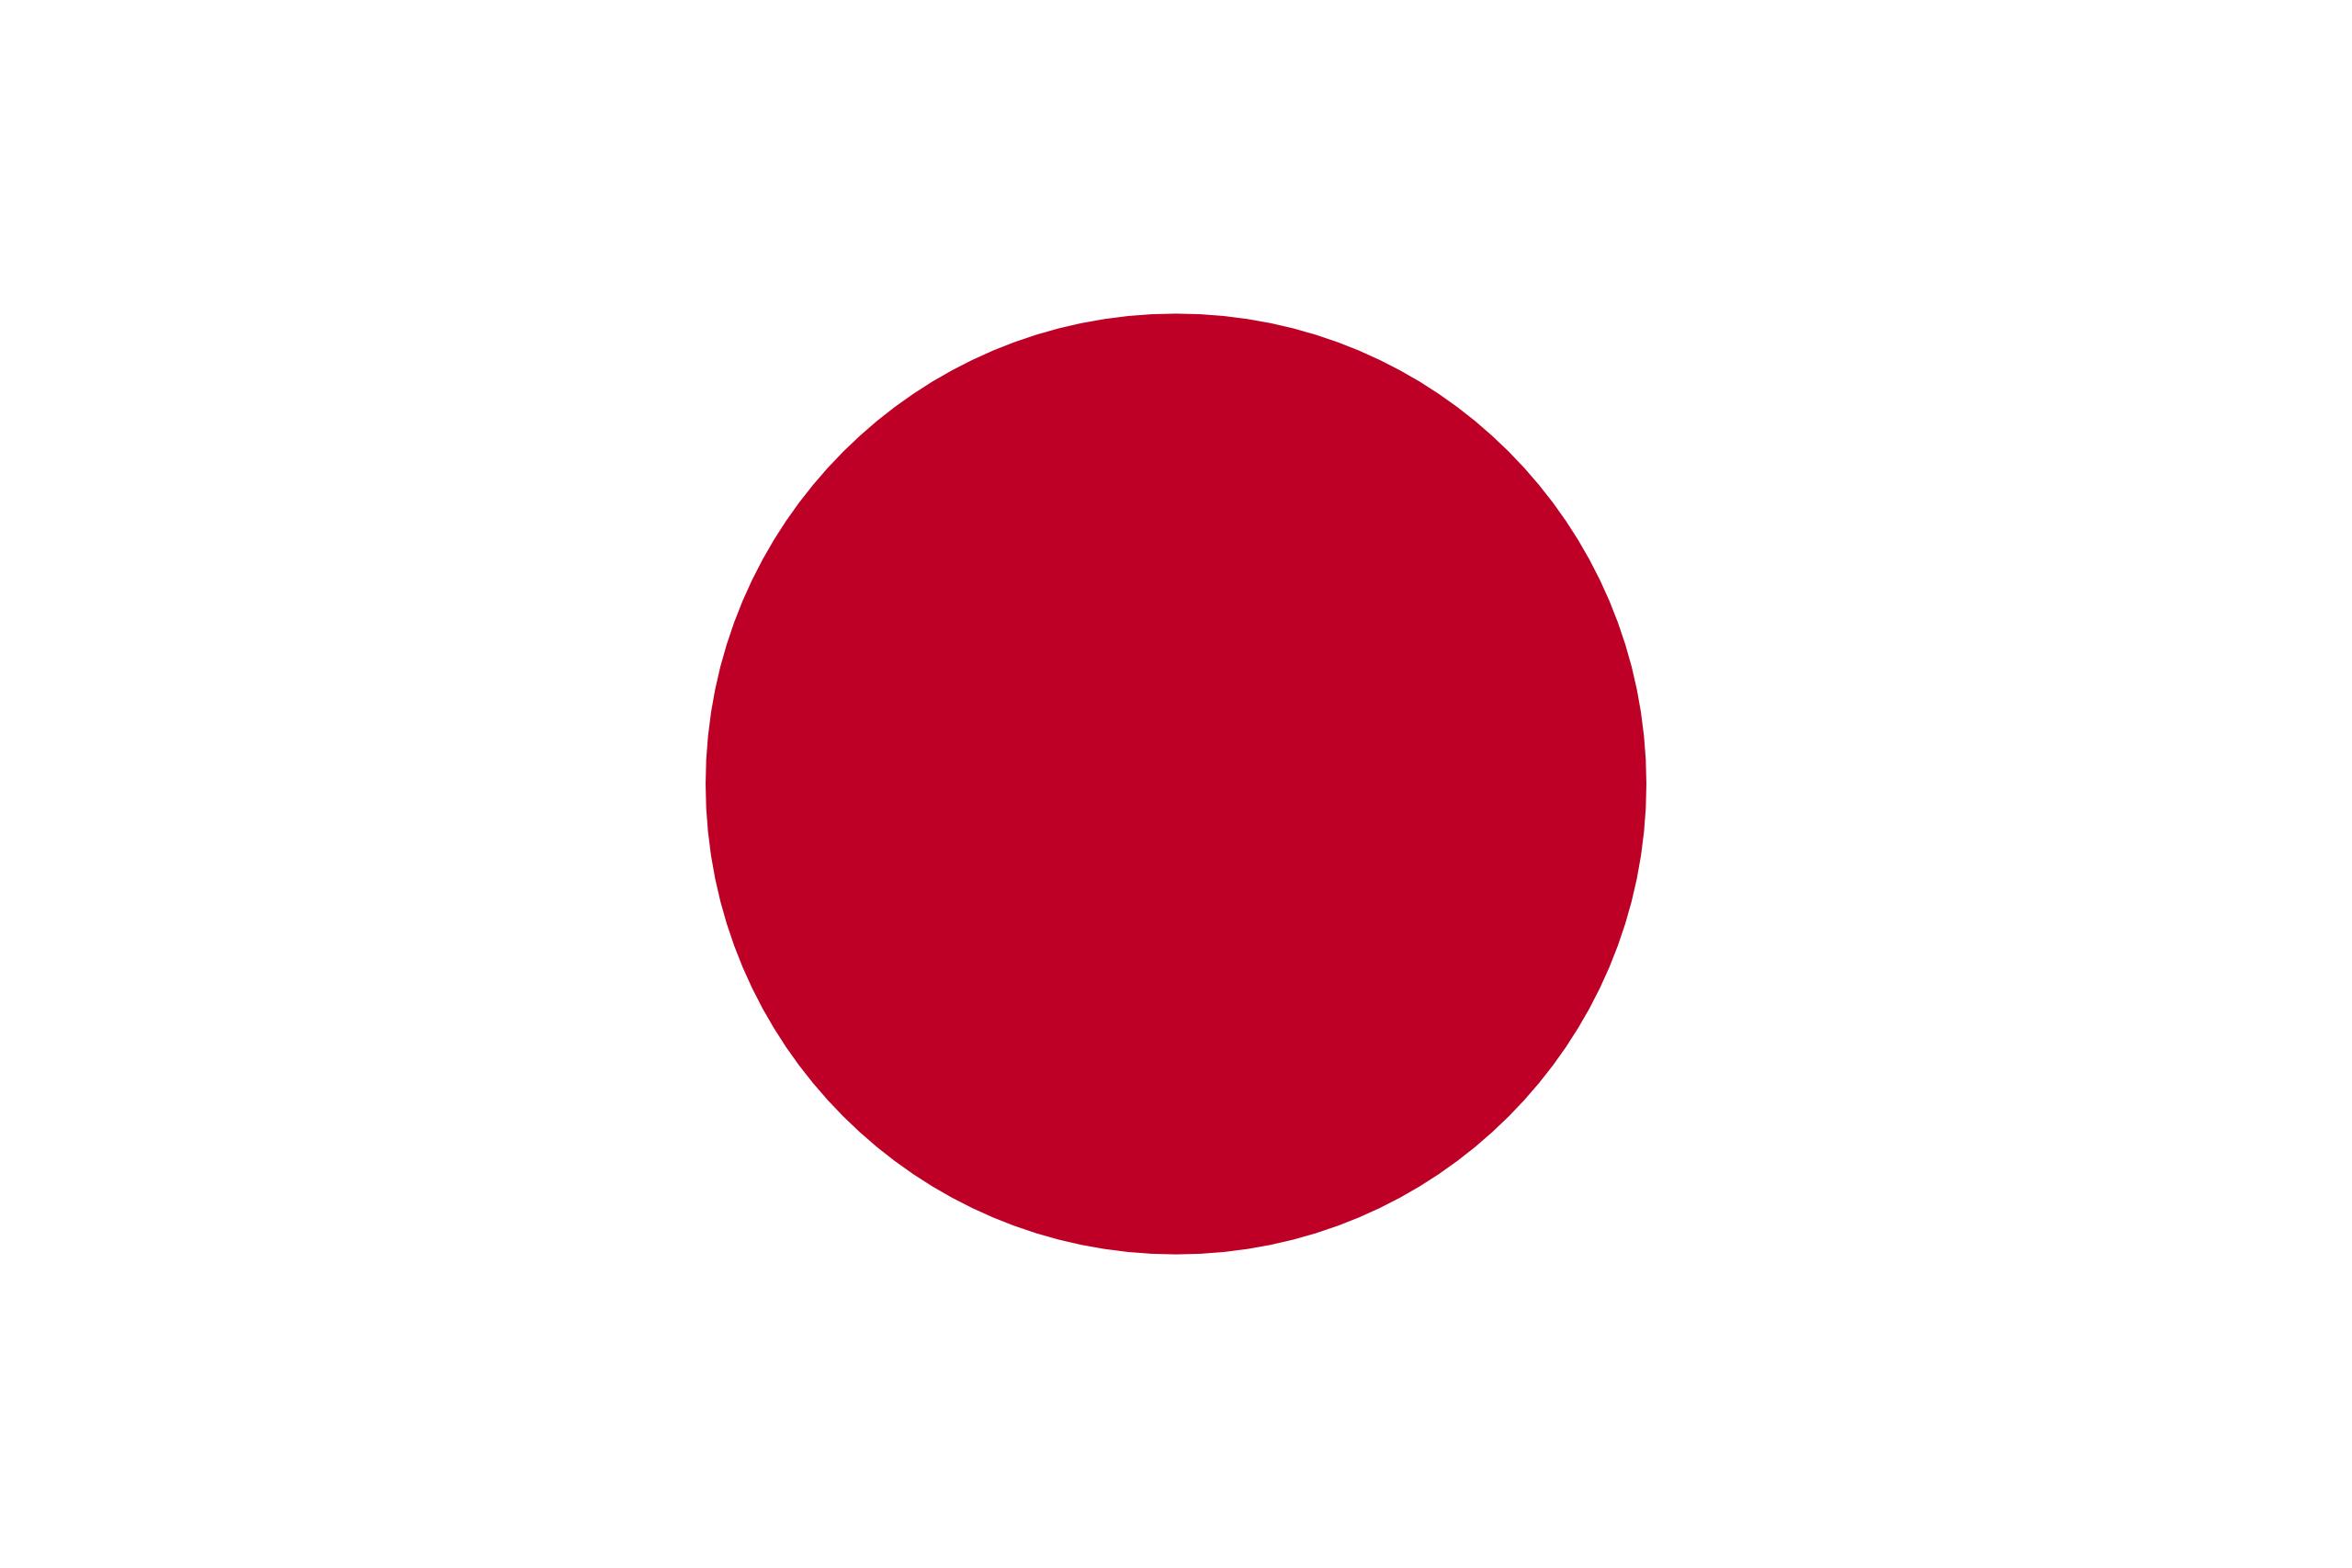 japón, país, emblema, insignia, símbolo - Fondos de Pantalla HD - professor-falken.com